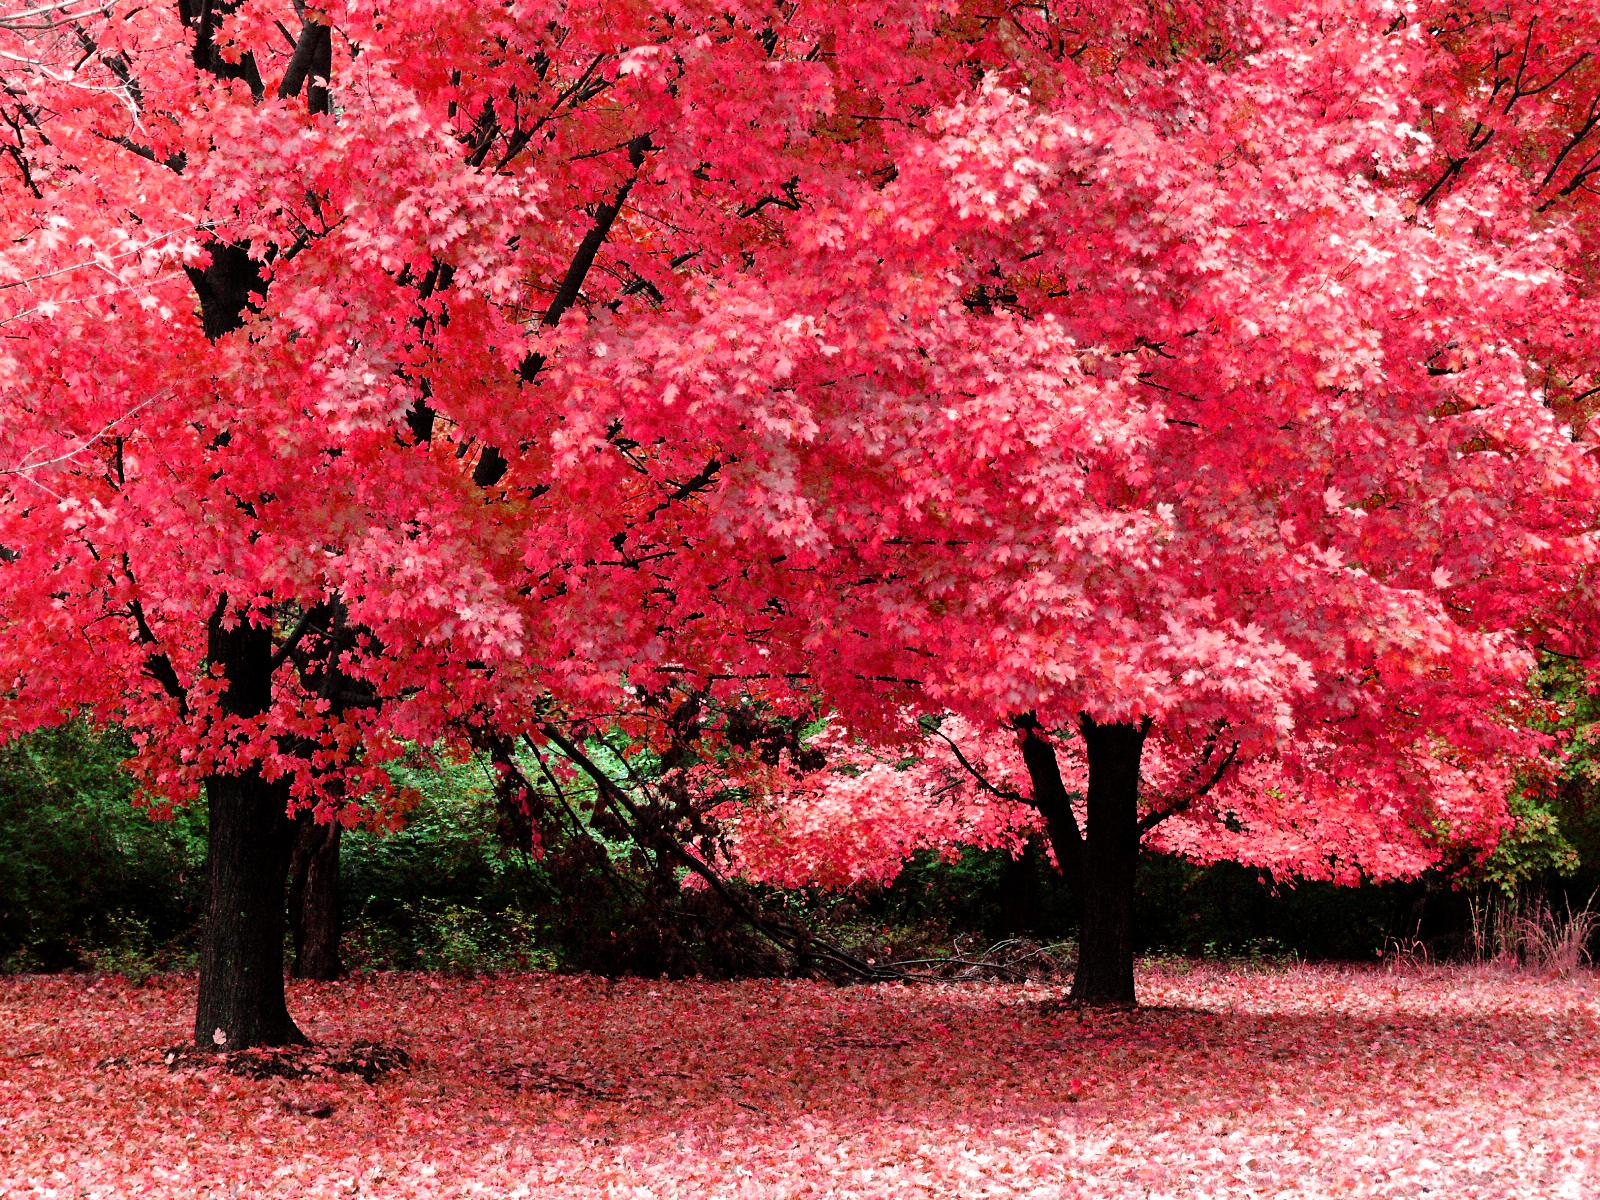 Autumn Vanilla Picture Autumn Screensavers